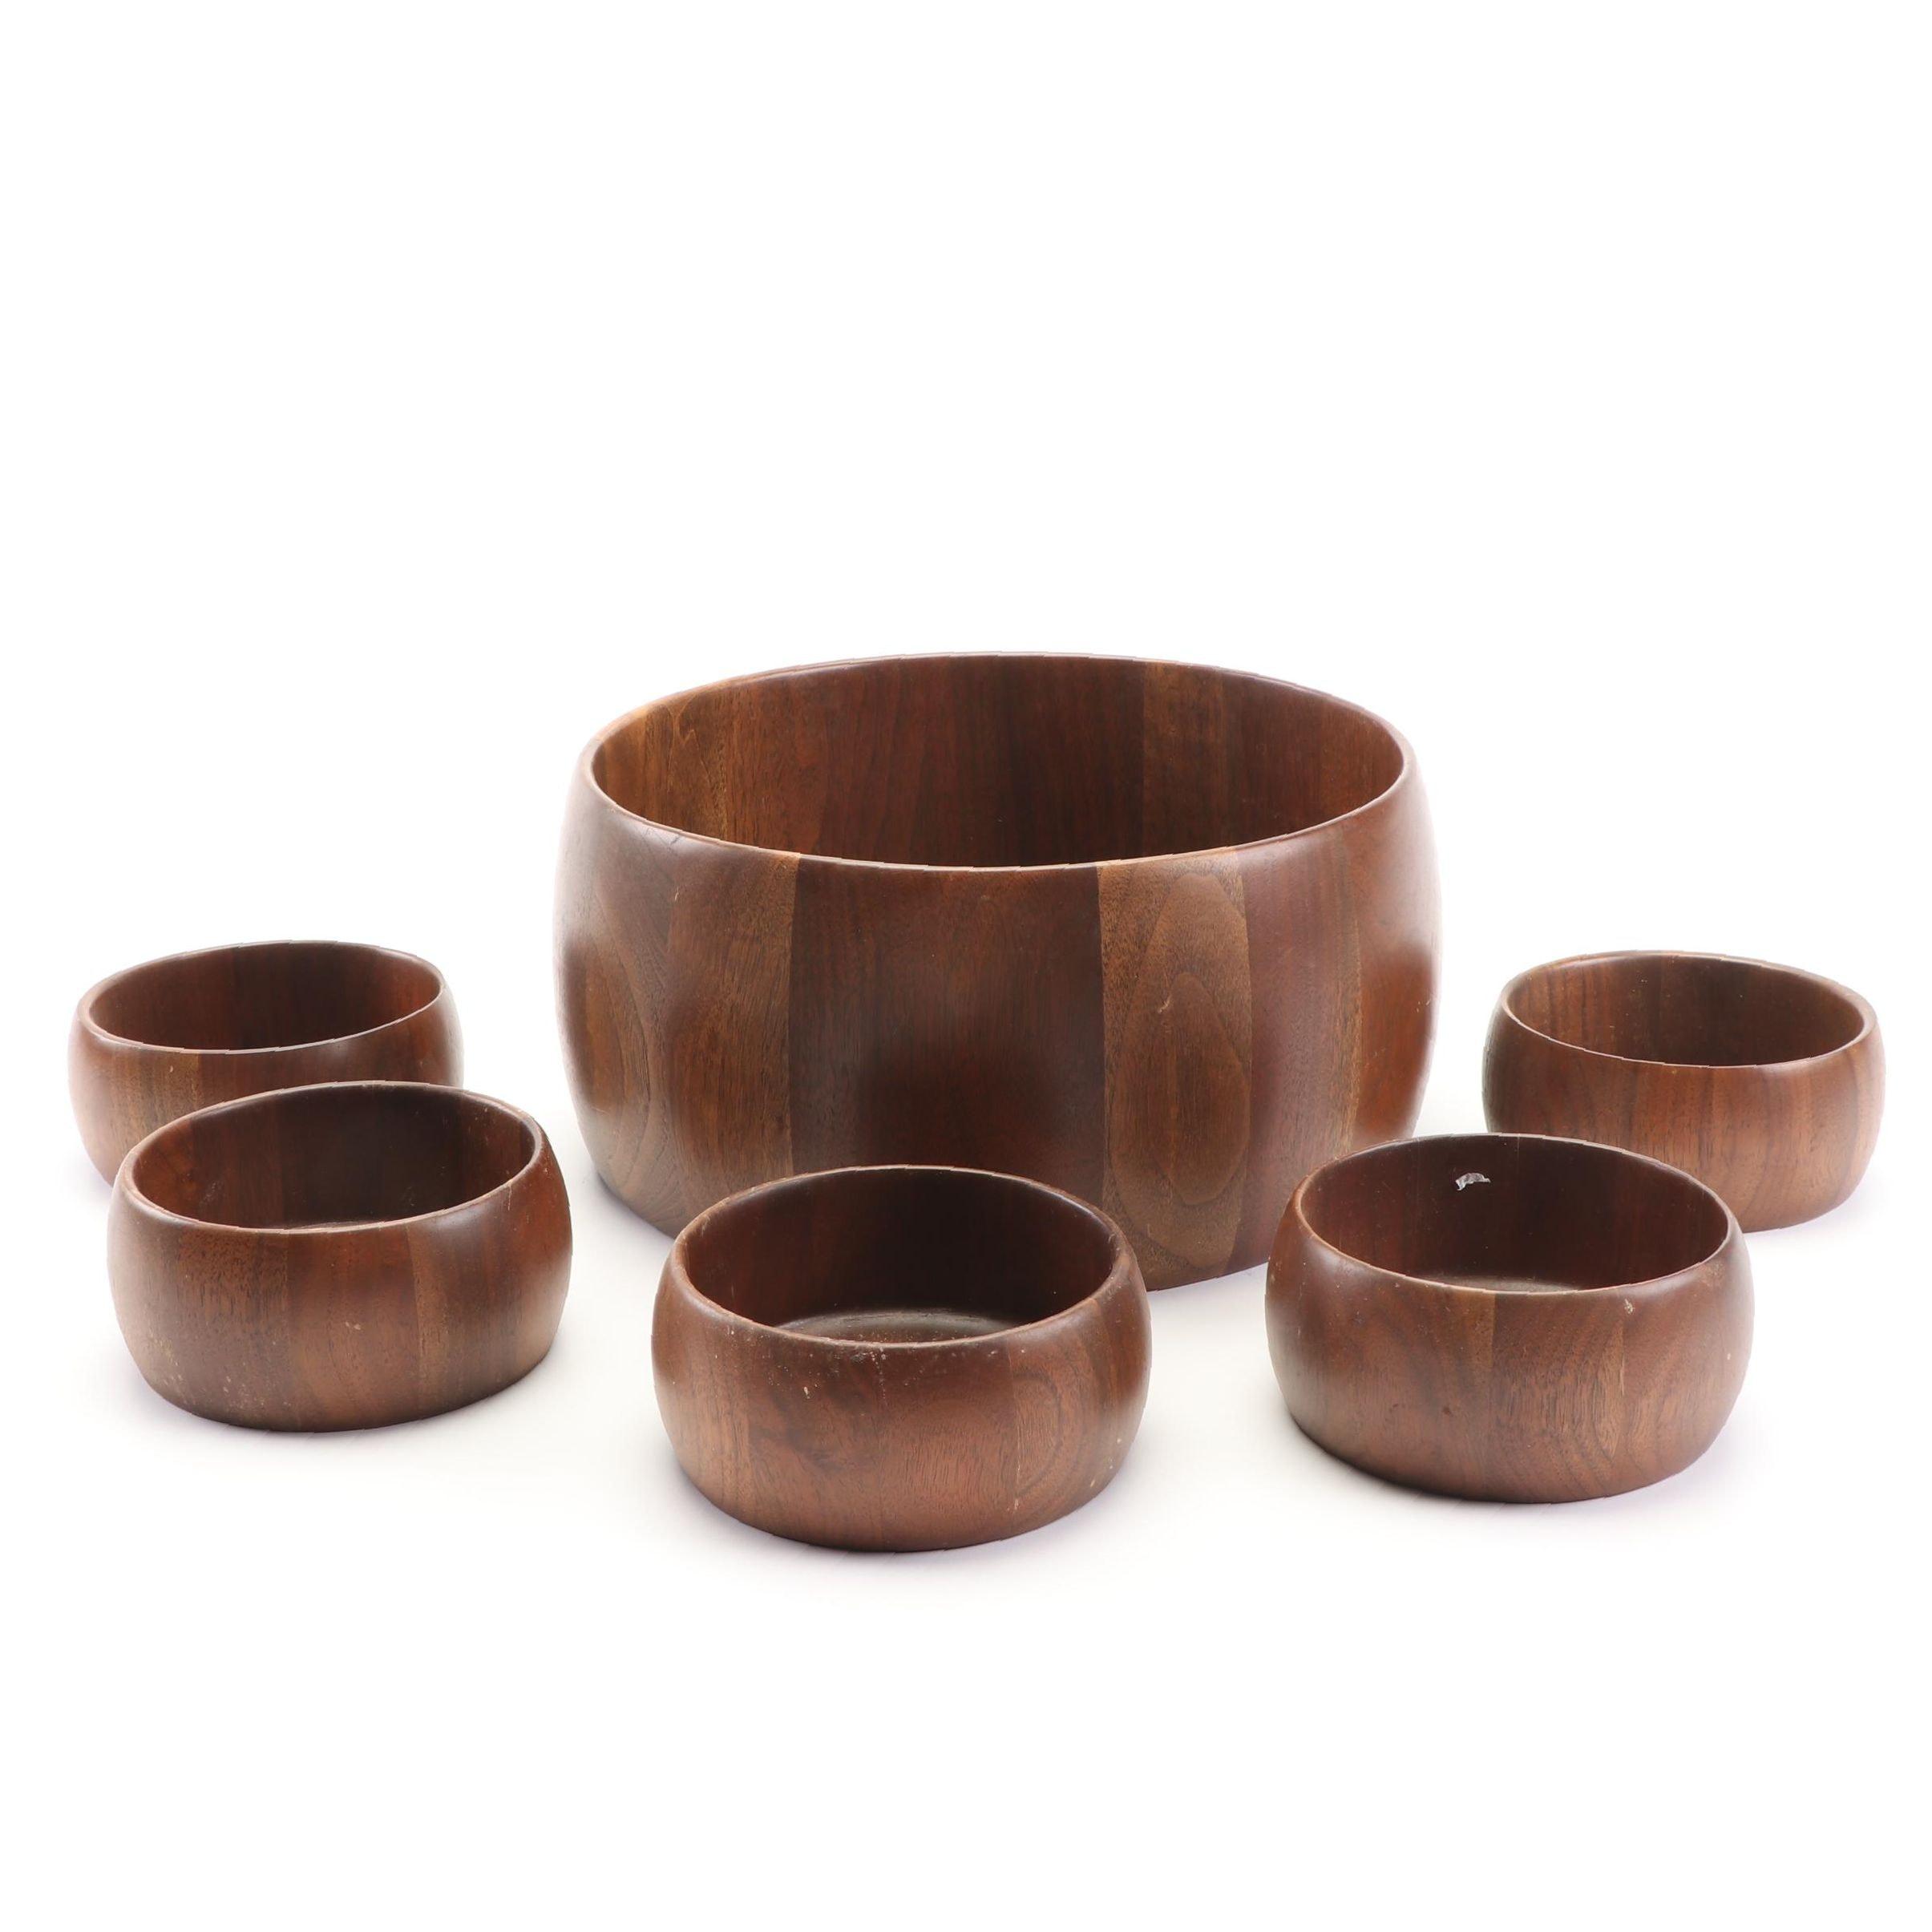 Walnut Salad Bowl Set